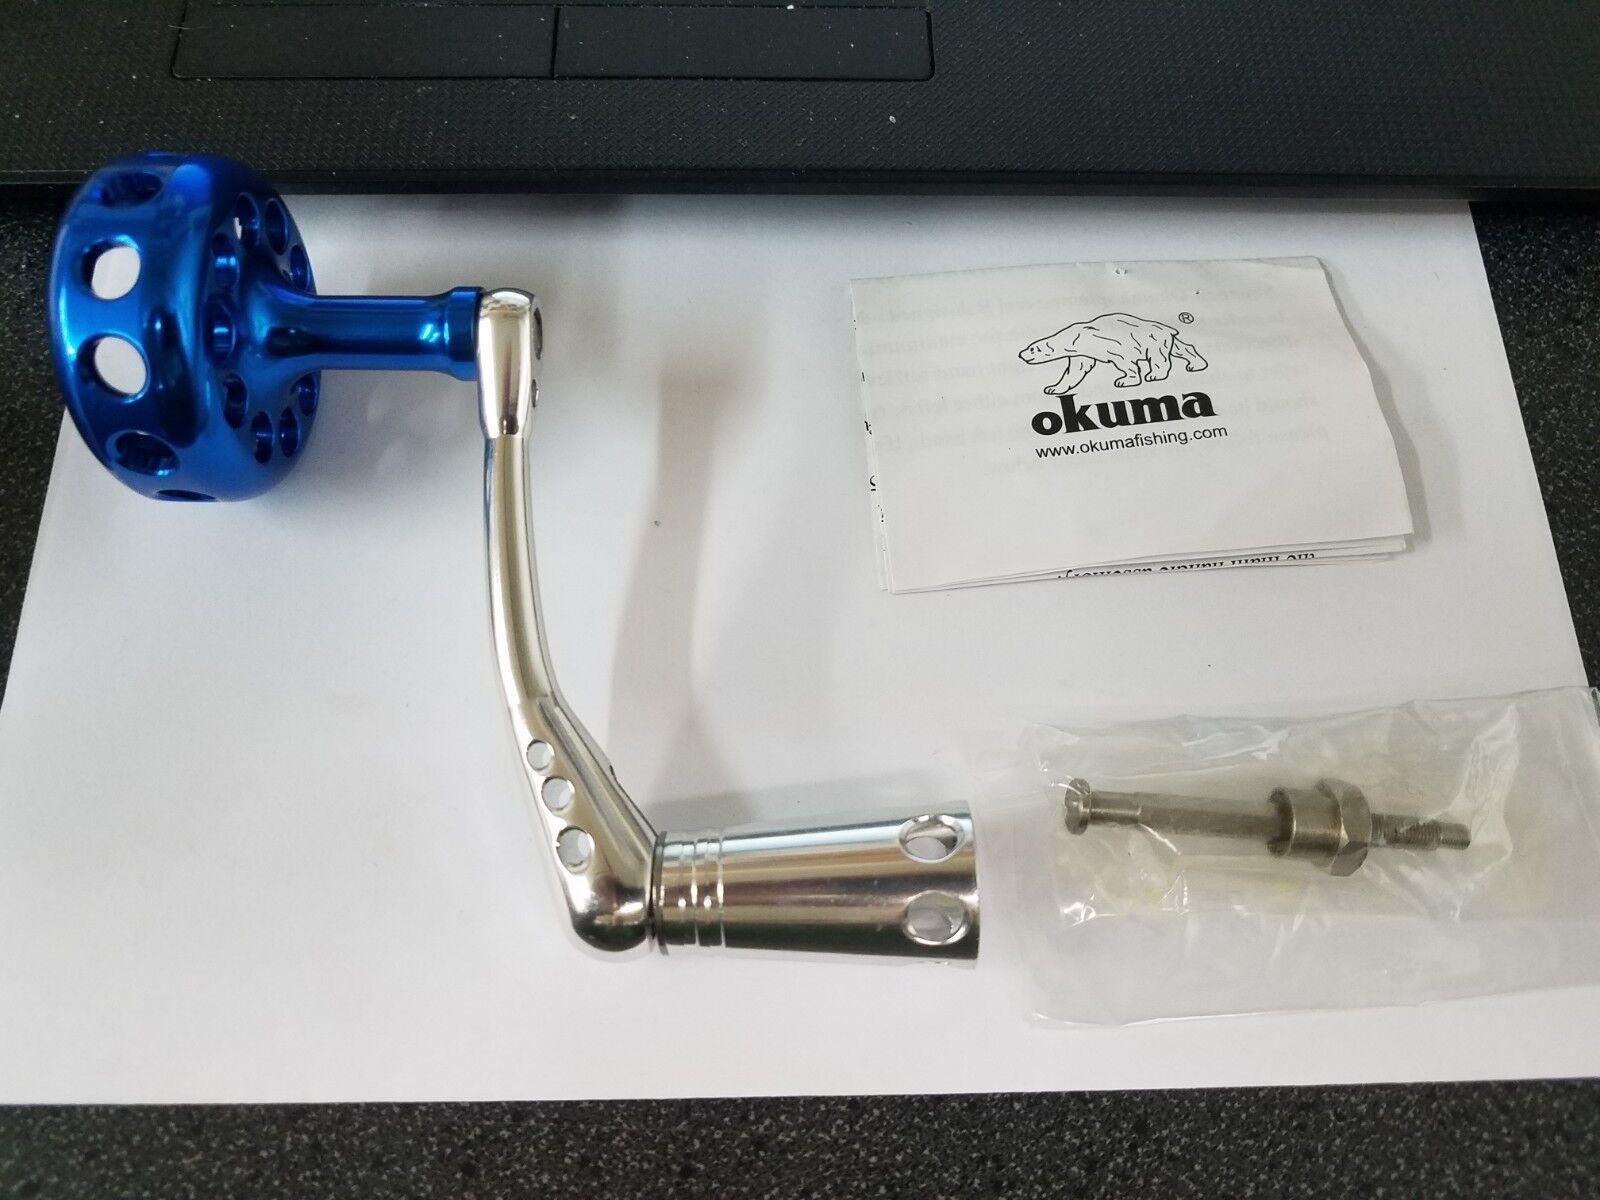 1 Okuma PartHandle Assembly COMPLETE Fits CJ-55S..